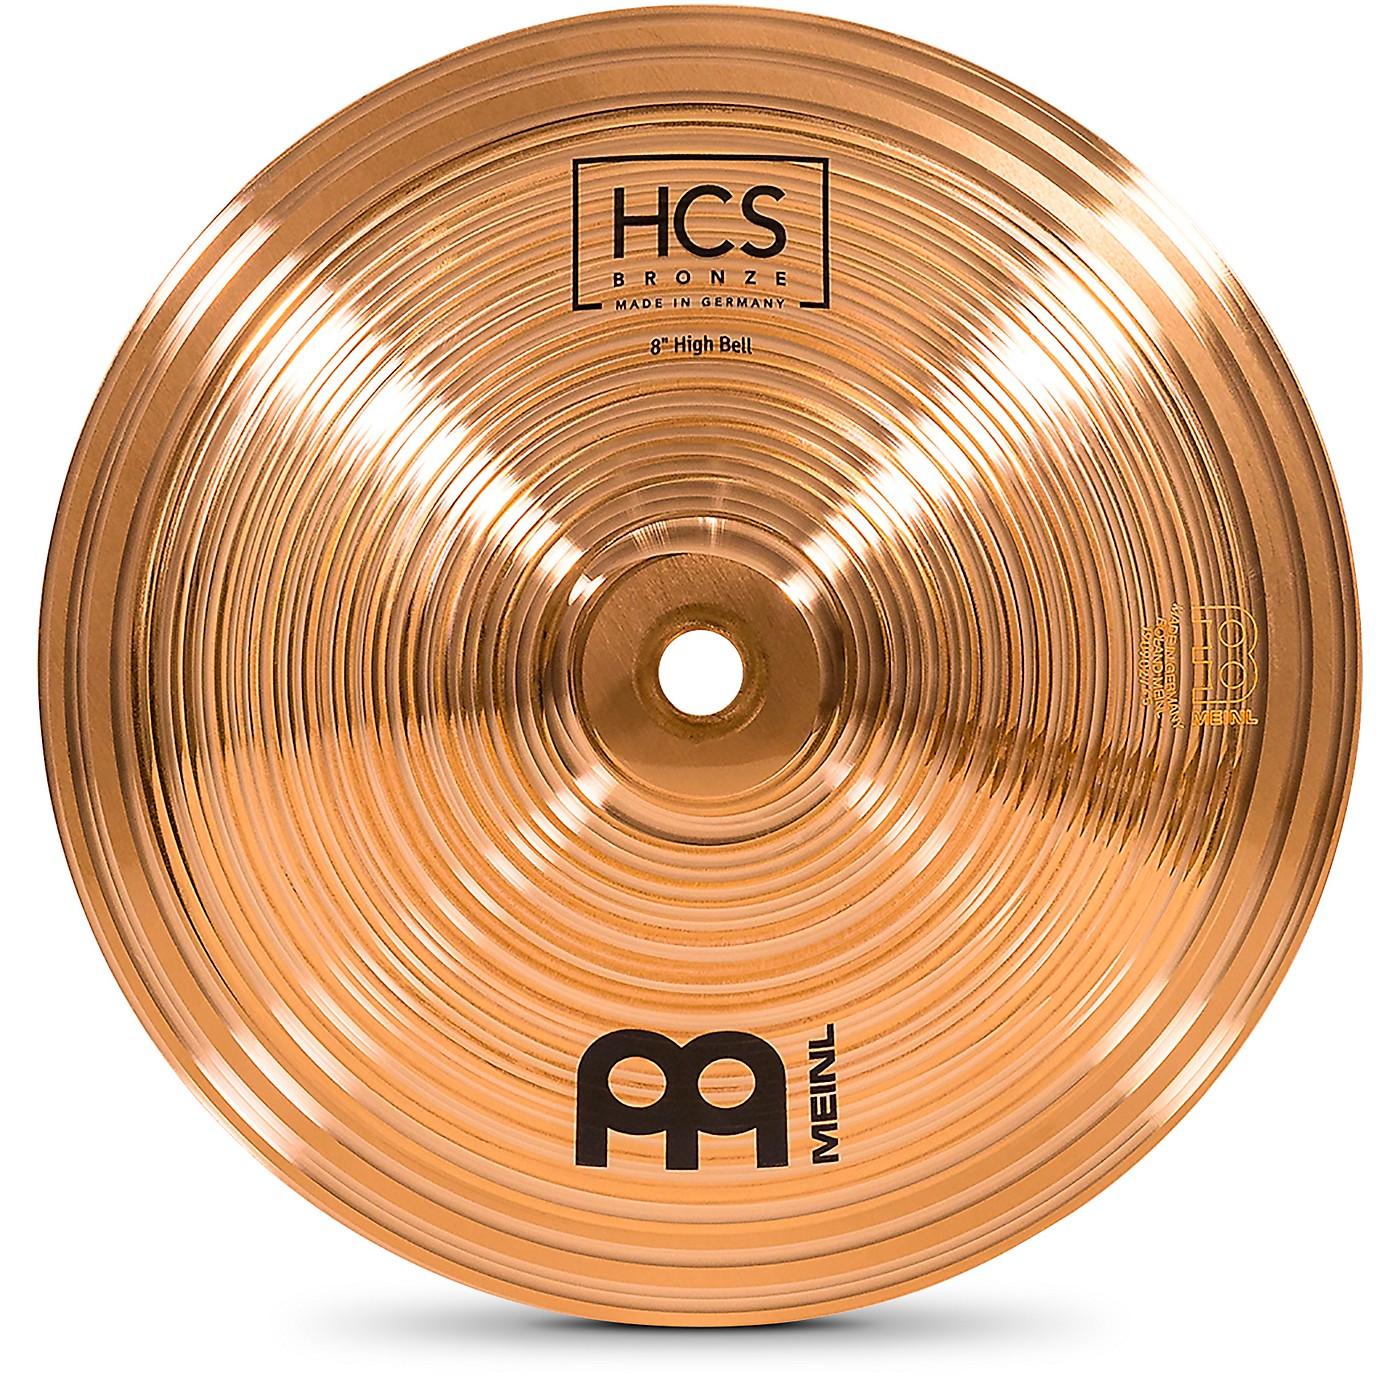 Meinl HCS Bronze Bell, High, 8 in. thumbnail